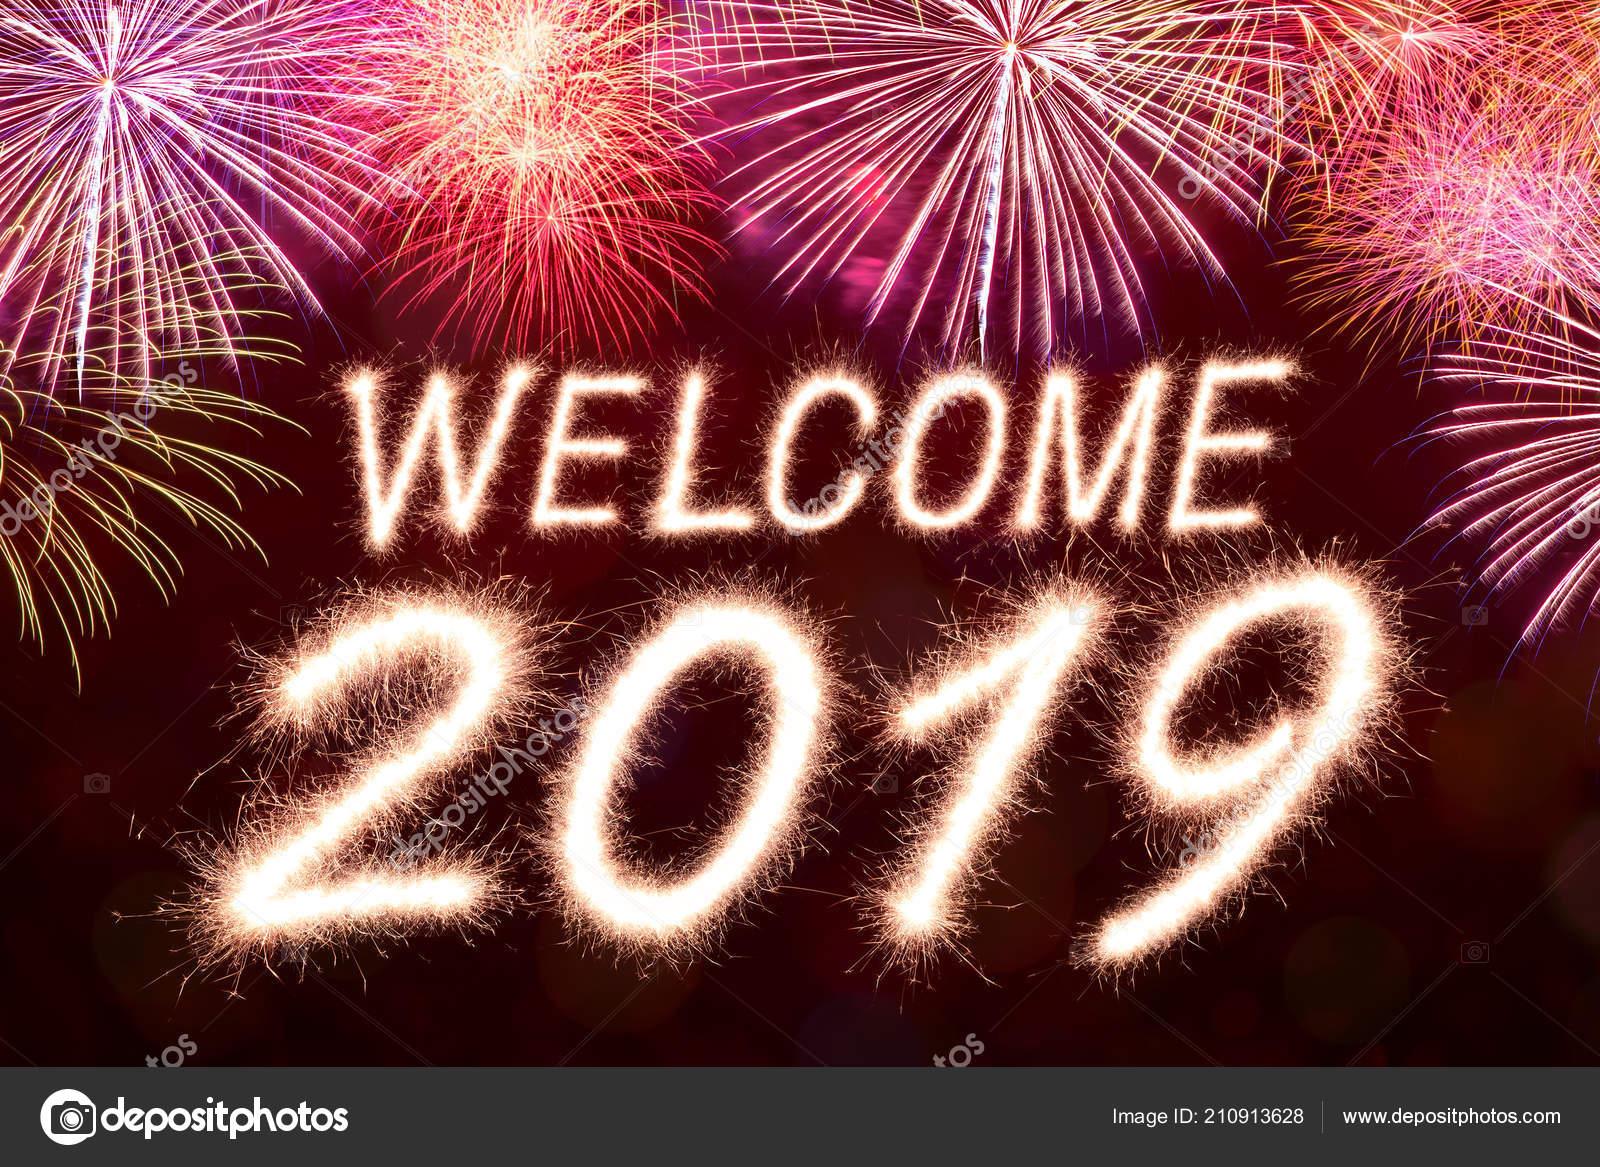 2019 Bienvenida Escrito Fuegos Artificiales Chispa Con Fondo Fuegos